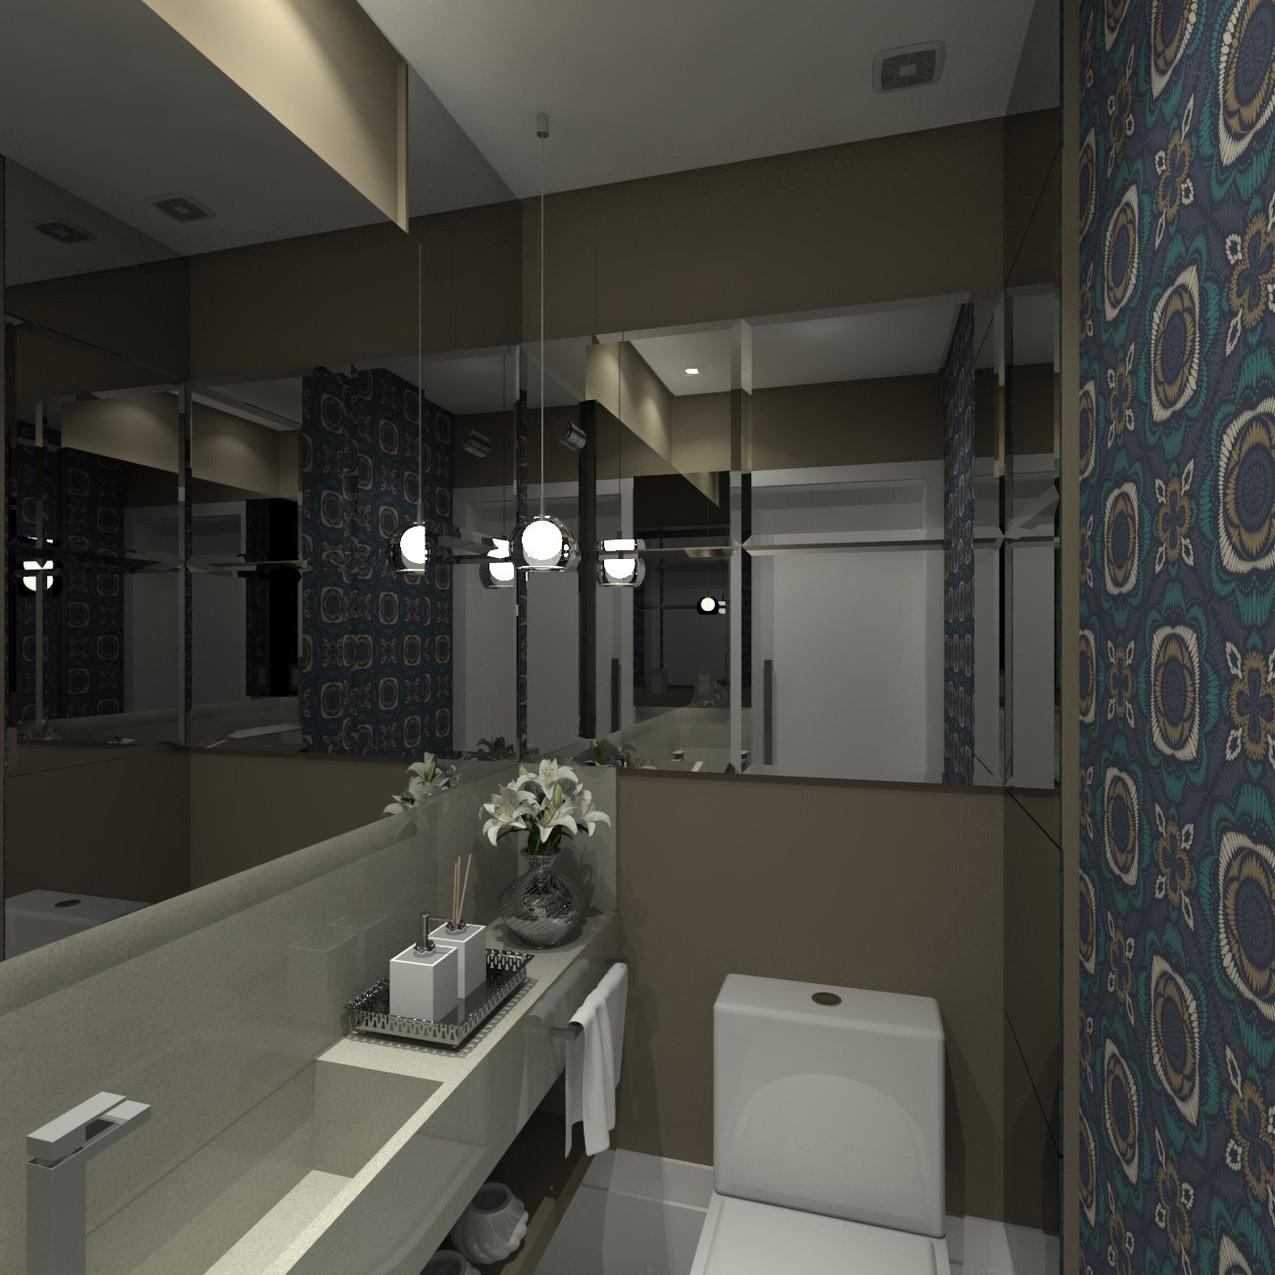 lavabo_01_com linha